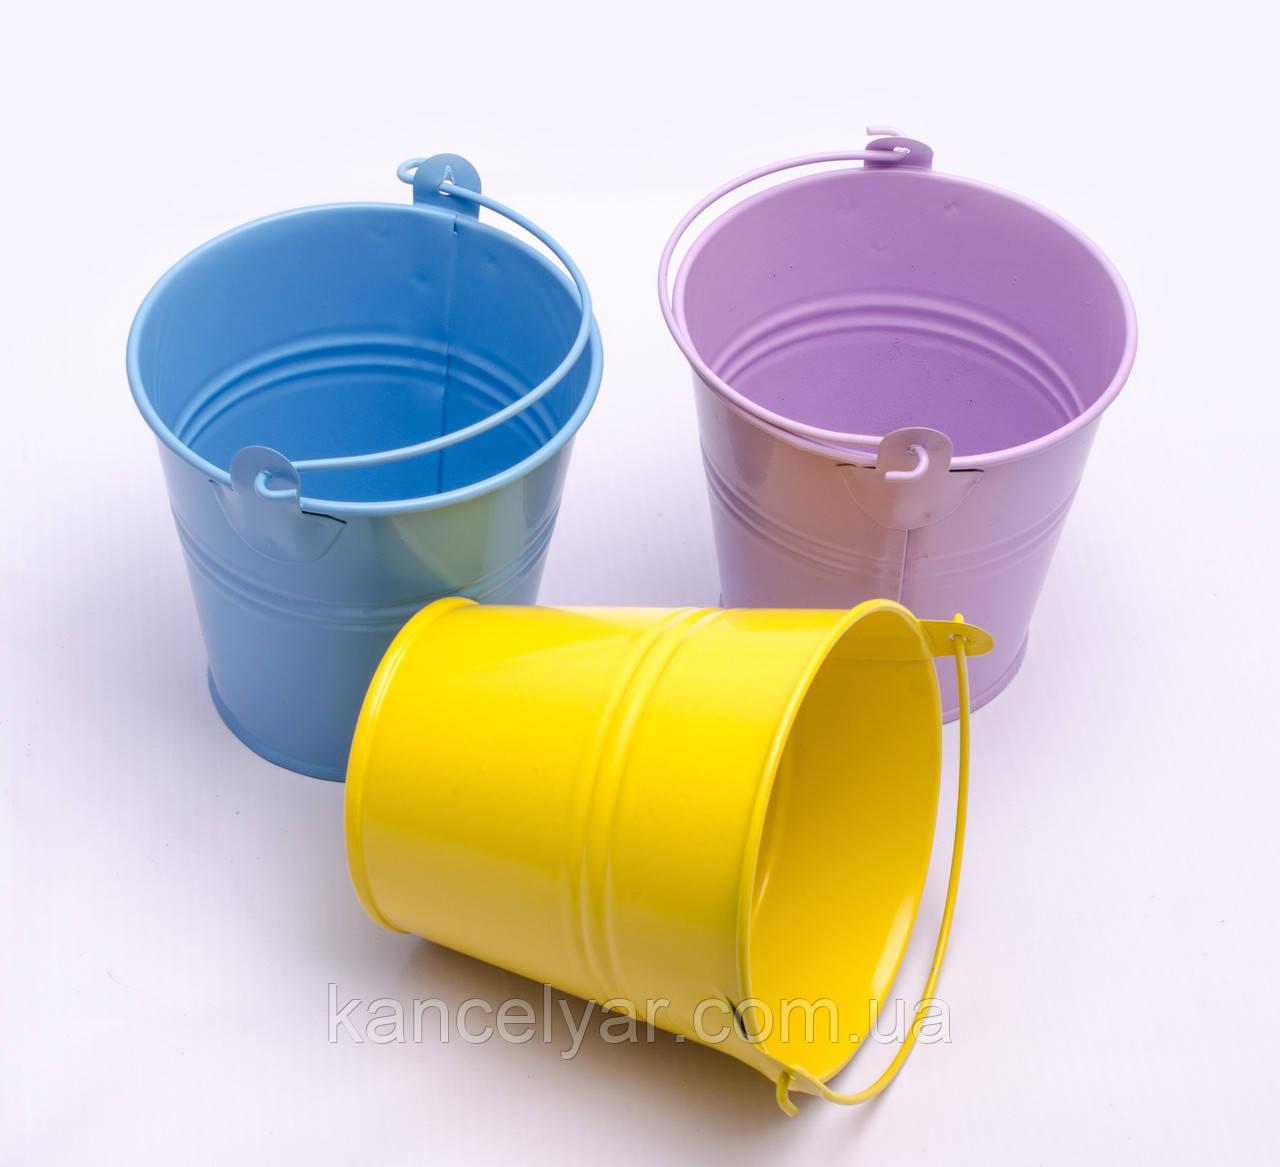 Ведро декоративное цветное, 9.5 см, в ассортименте